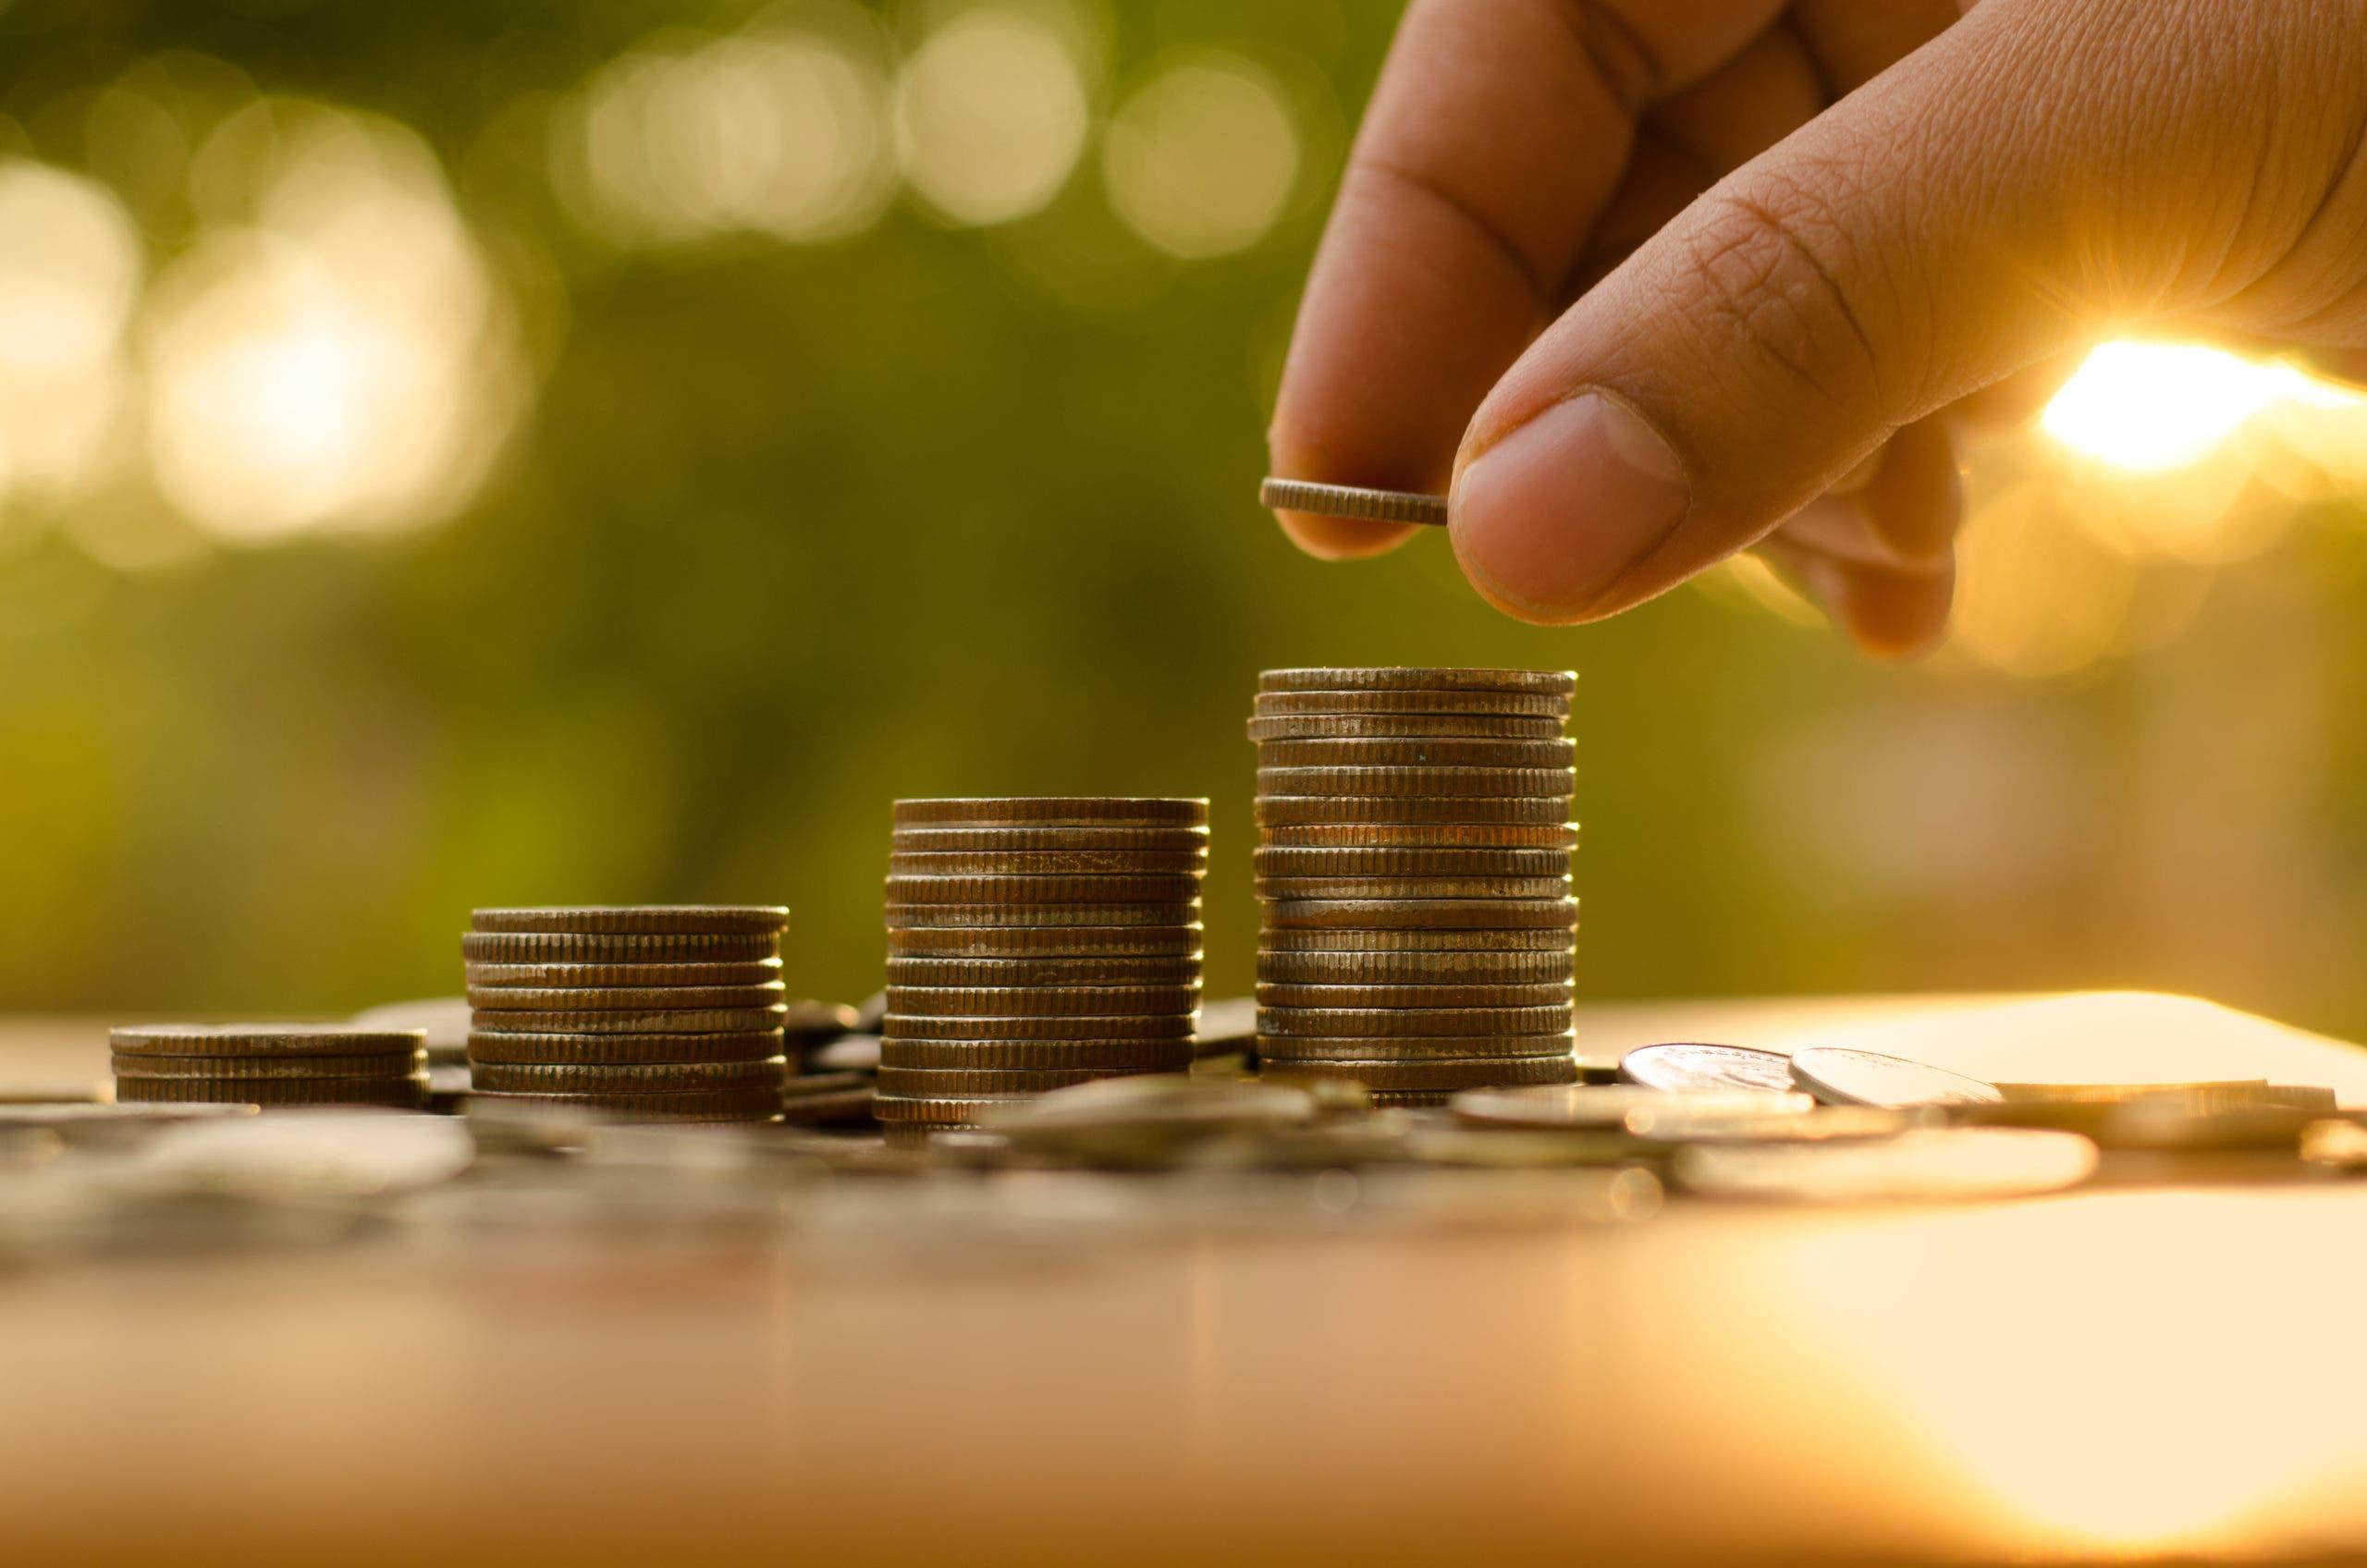 CUNA Mutual Group toma nuevas medidas de alivio financiero a favor de las cooperativas